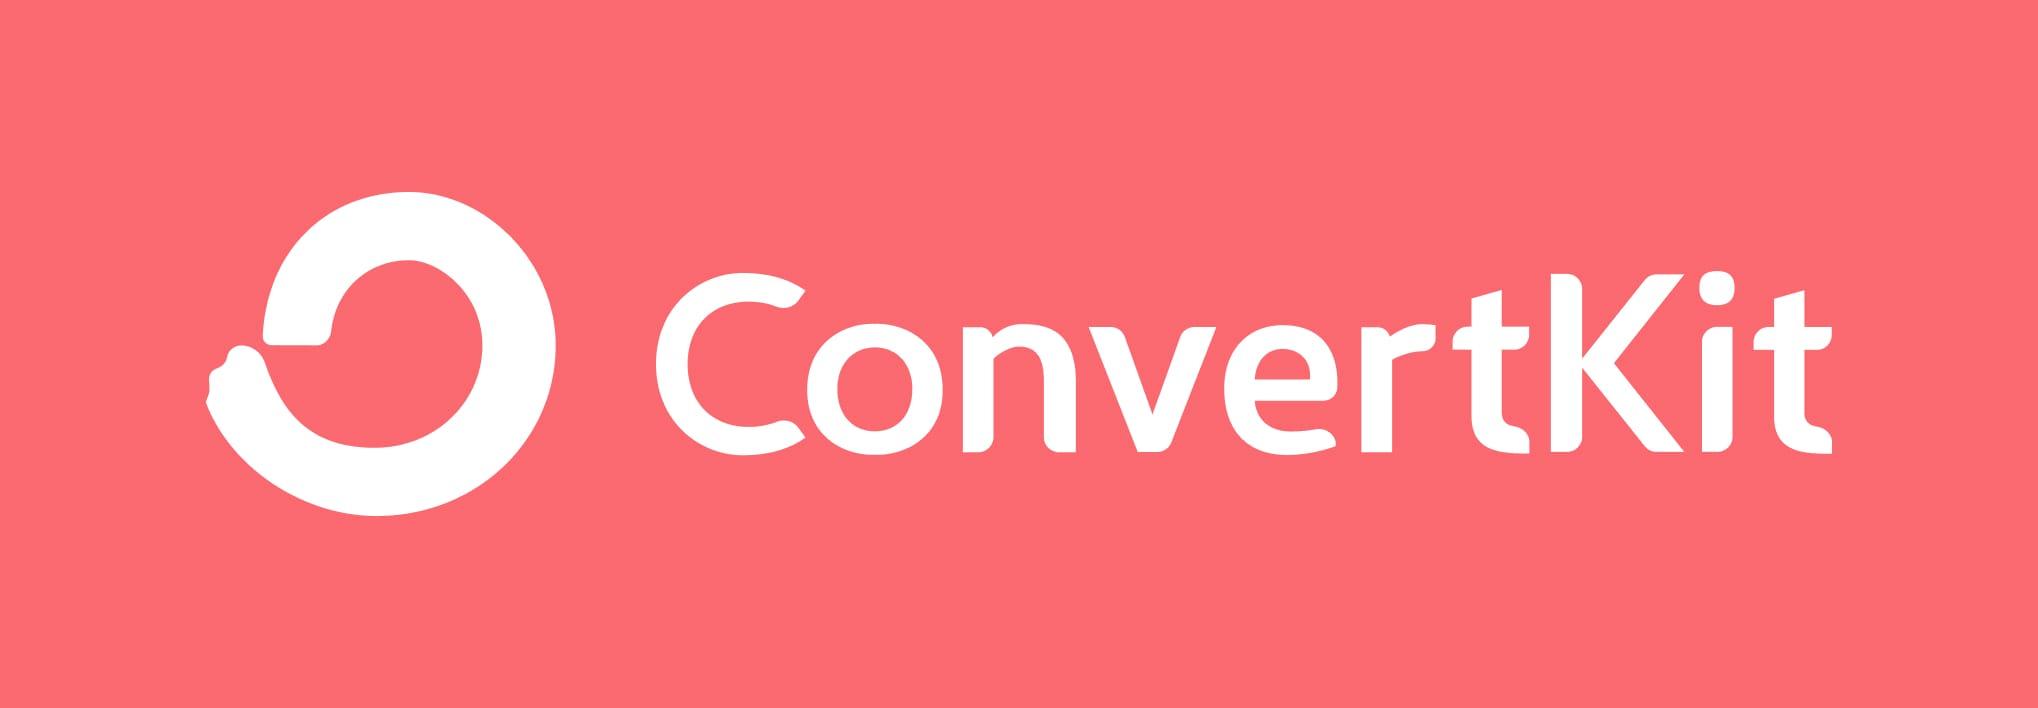 convvertkit